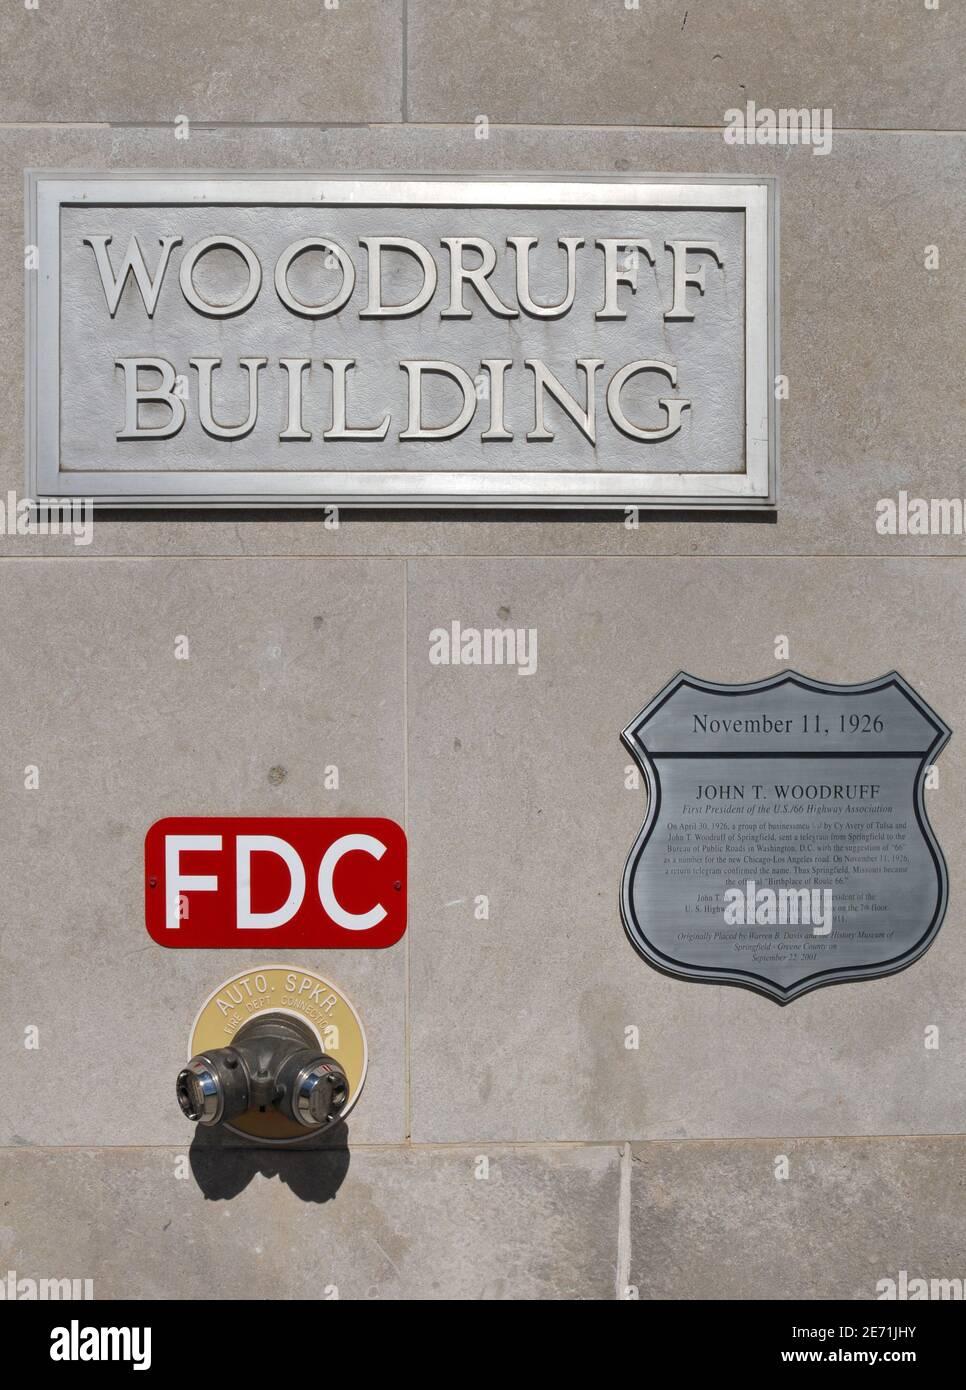 Une plaque patrimoniale orne l'édifice Woodruff historique du centre-ville de Springfield, soulignant le rôle du constructeur John T. Woodruff dans la création de la route 66. Banque D'Images